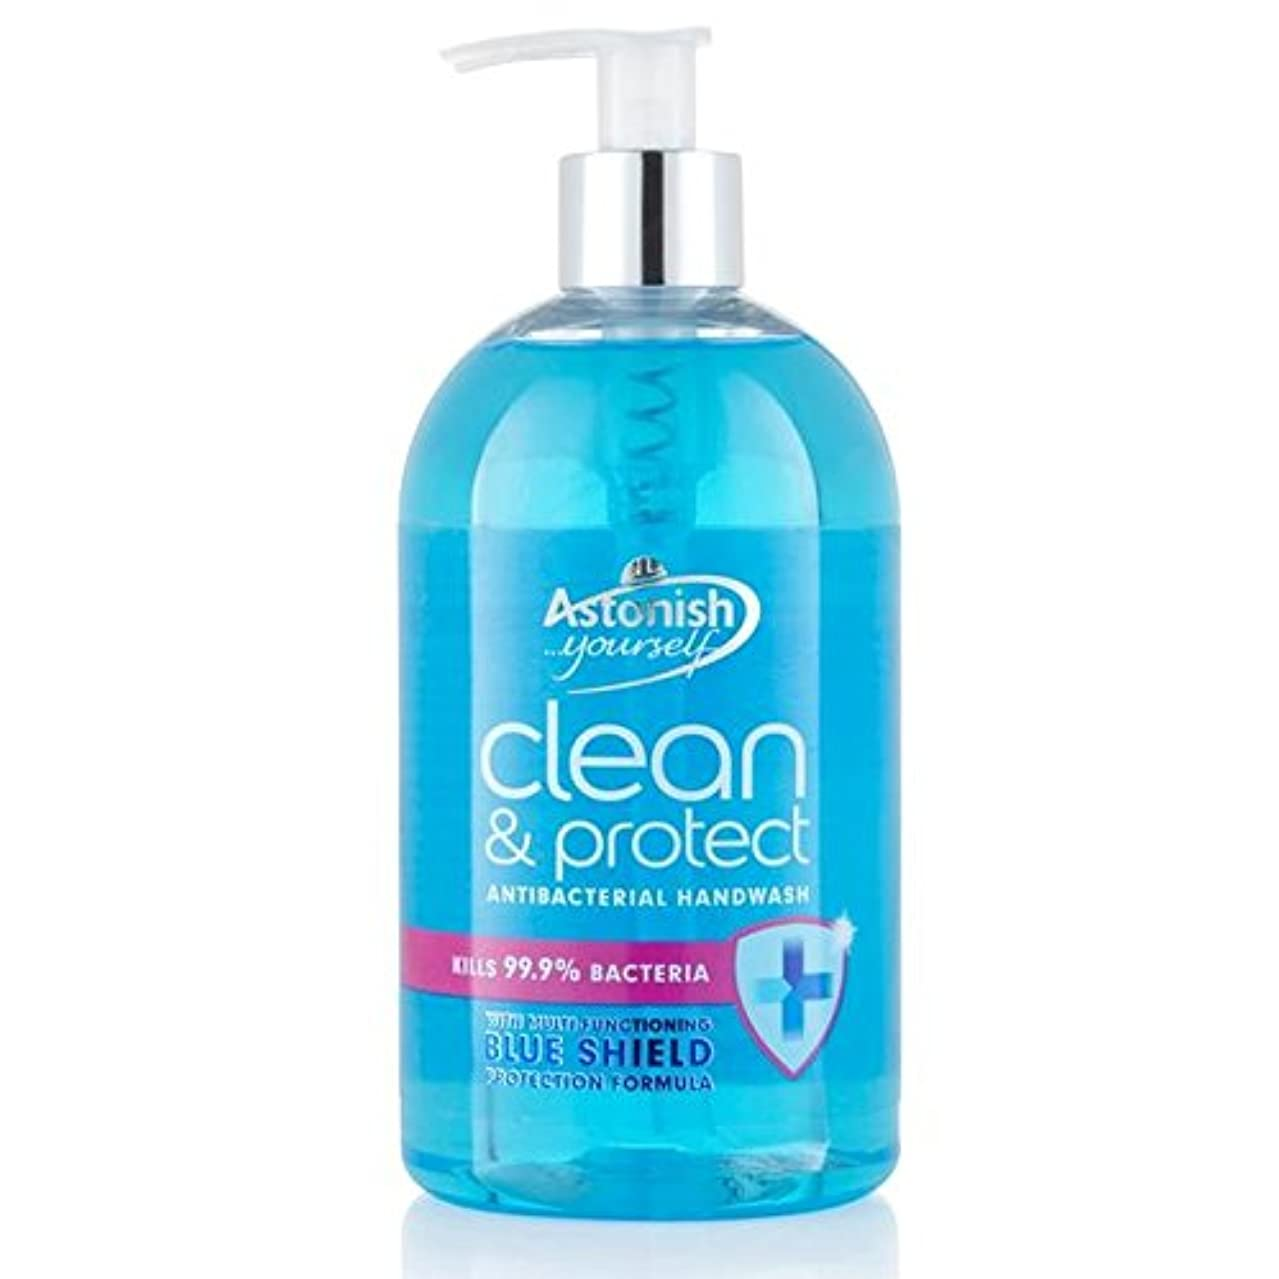 メンテナンス倒産メンテナンスAstonish Clean & Protect Hand Wash 500ml (Pack of 6) - クリーン驚か&ハンドウォッシュ500ミリリットルを保護 x6 [並行輸入品]